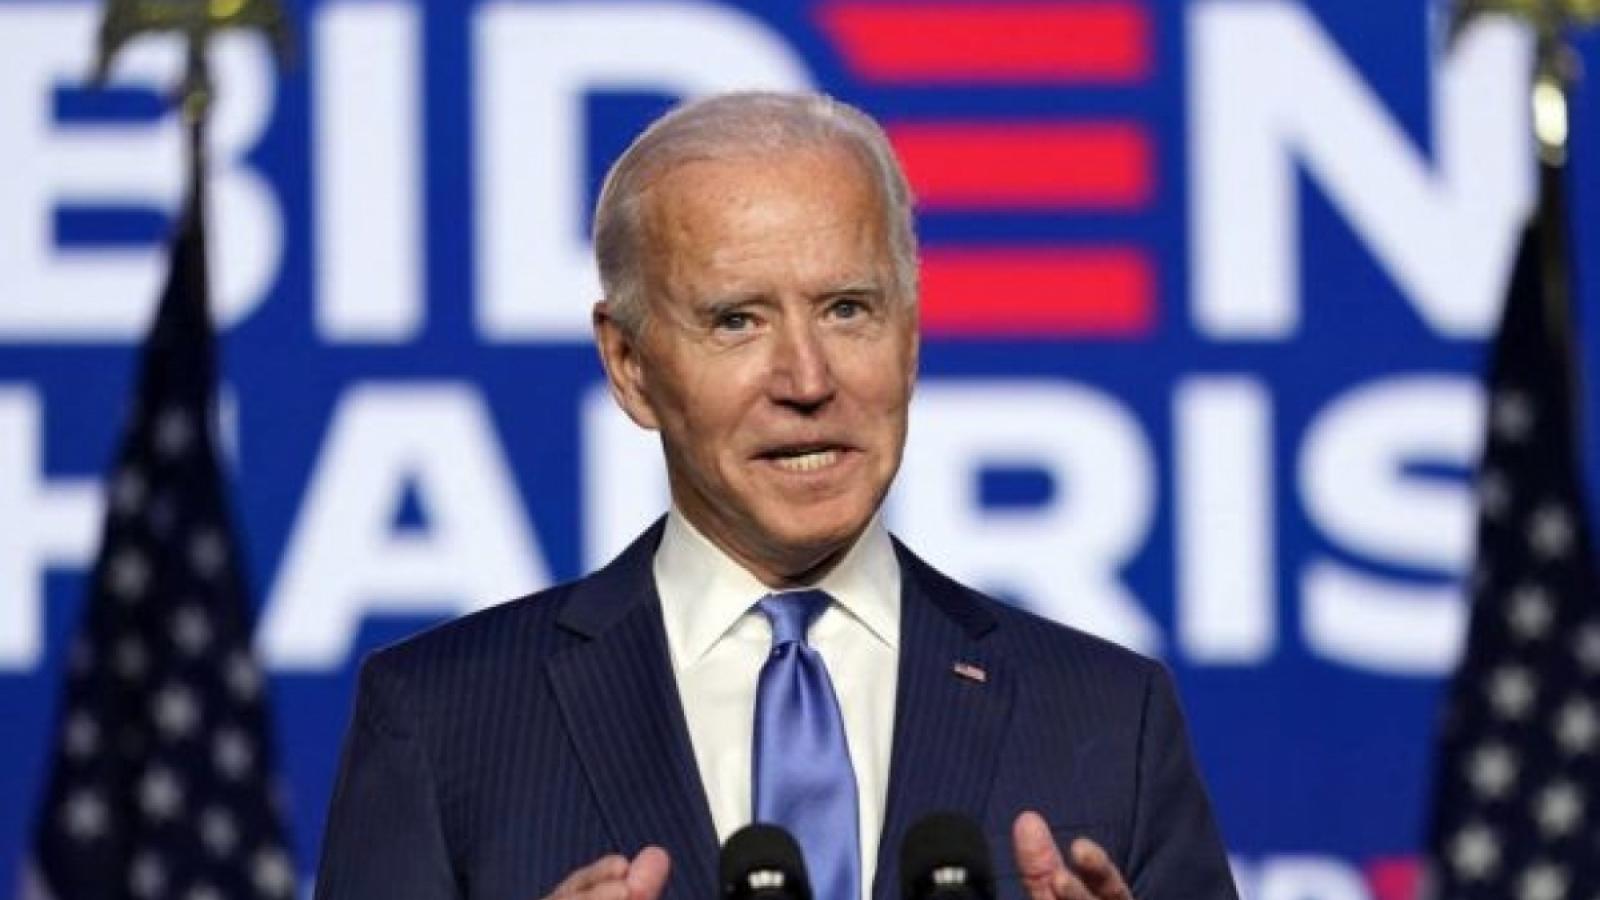 Tổng thống Mỹ kêu gọi Quốc hội hành động nhanh với gói cứu trợ Covid-19